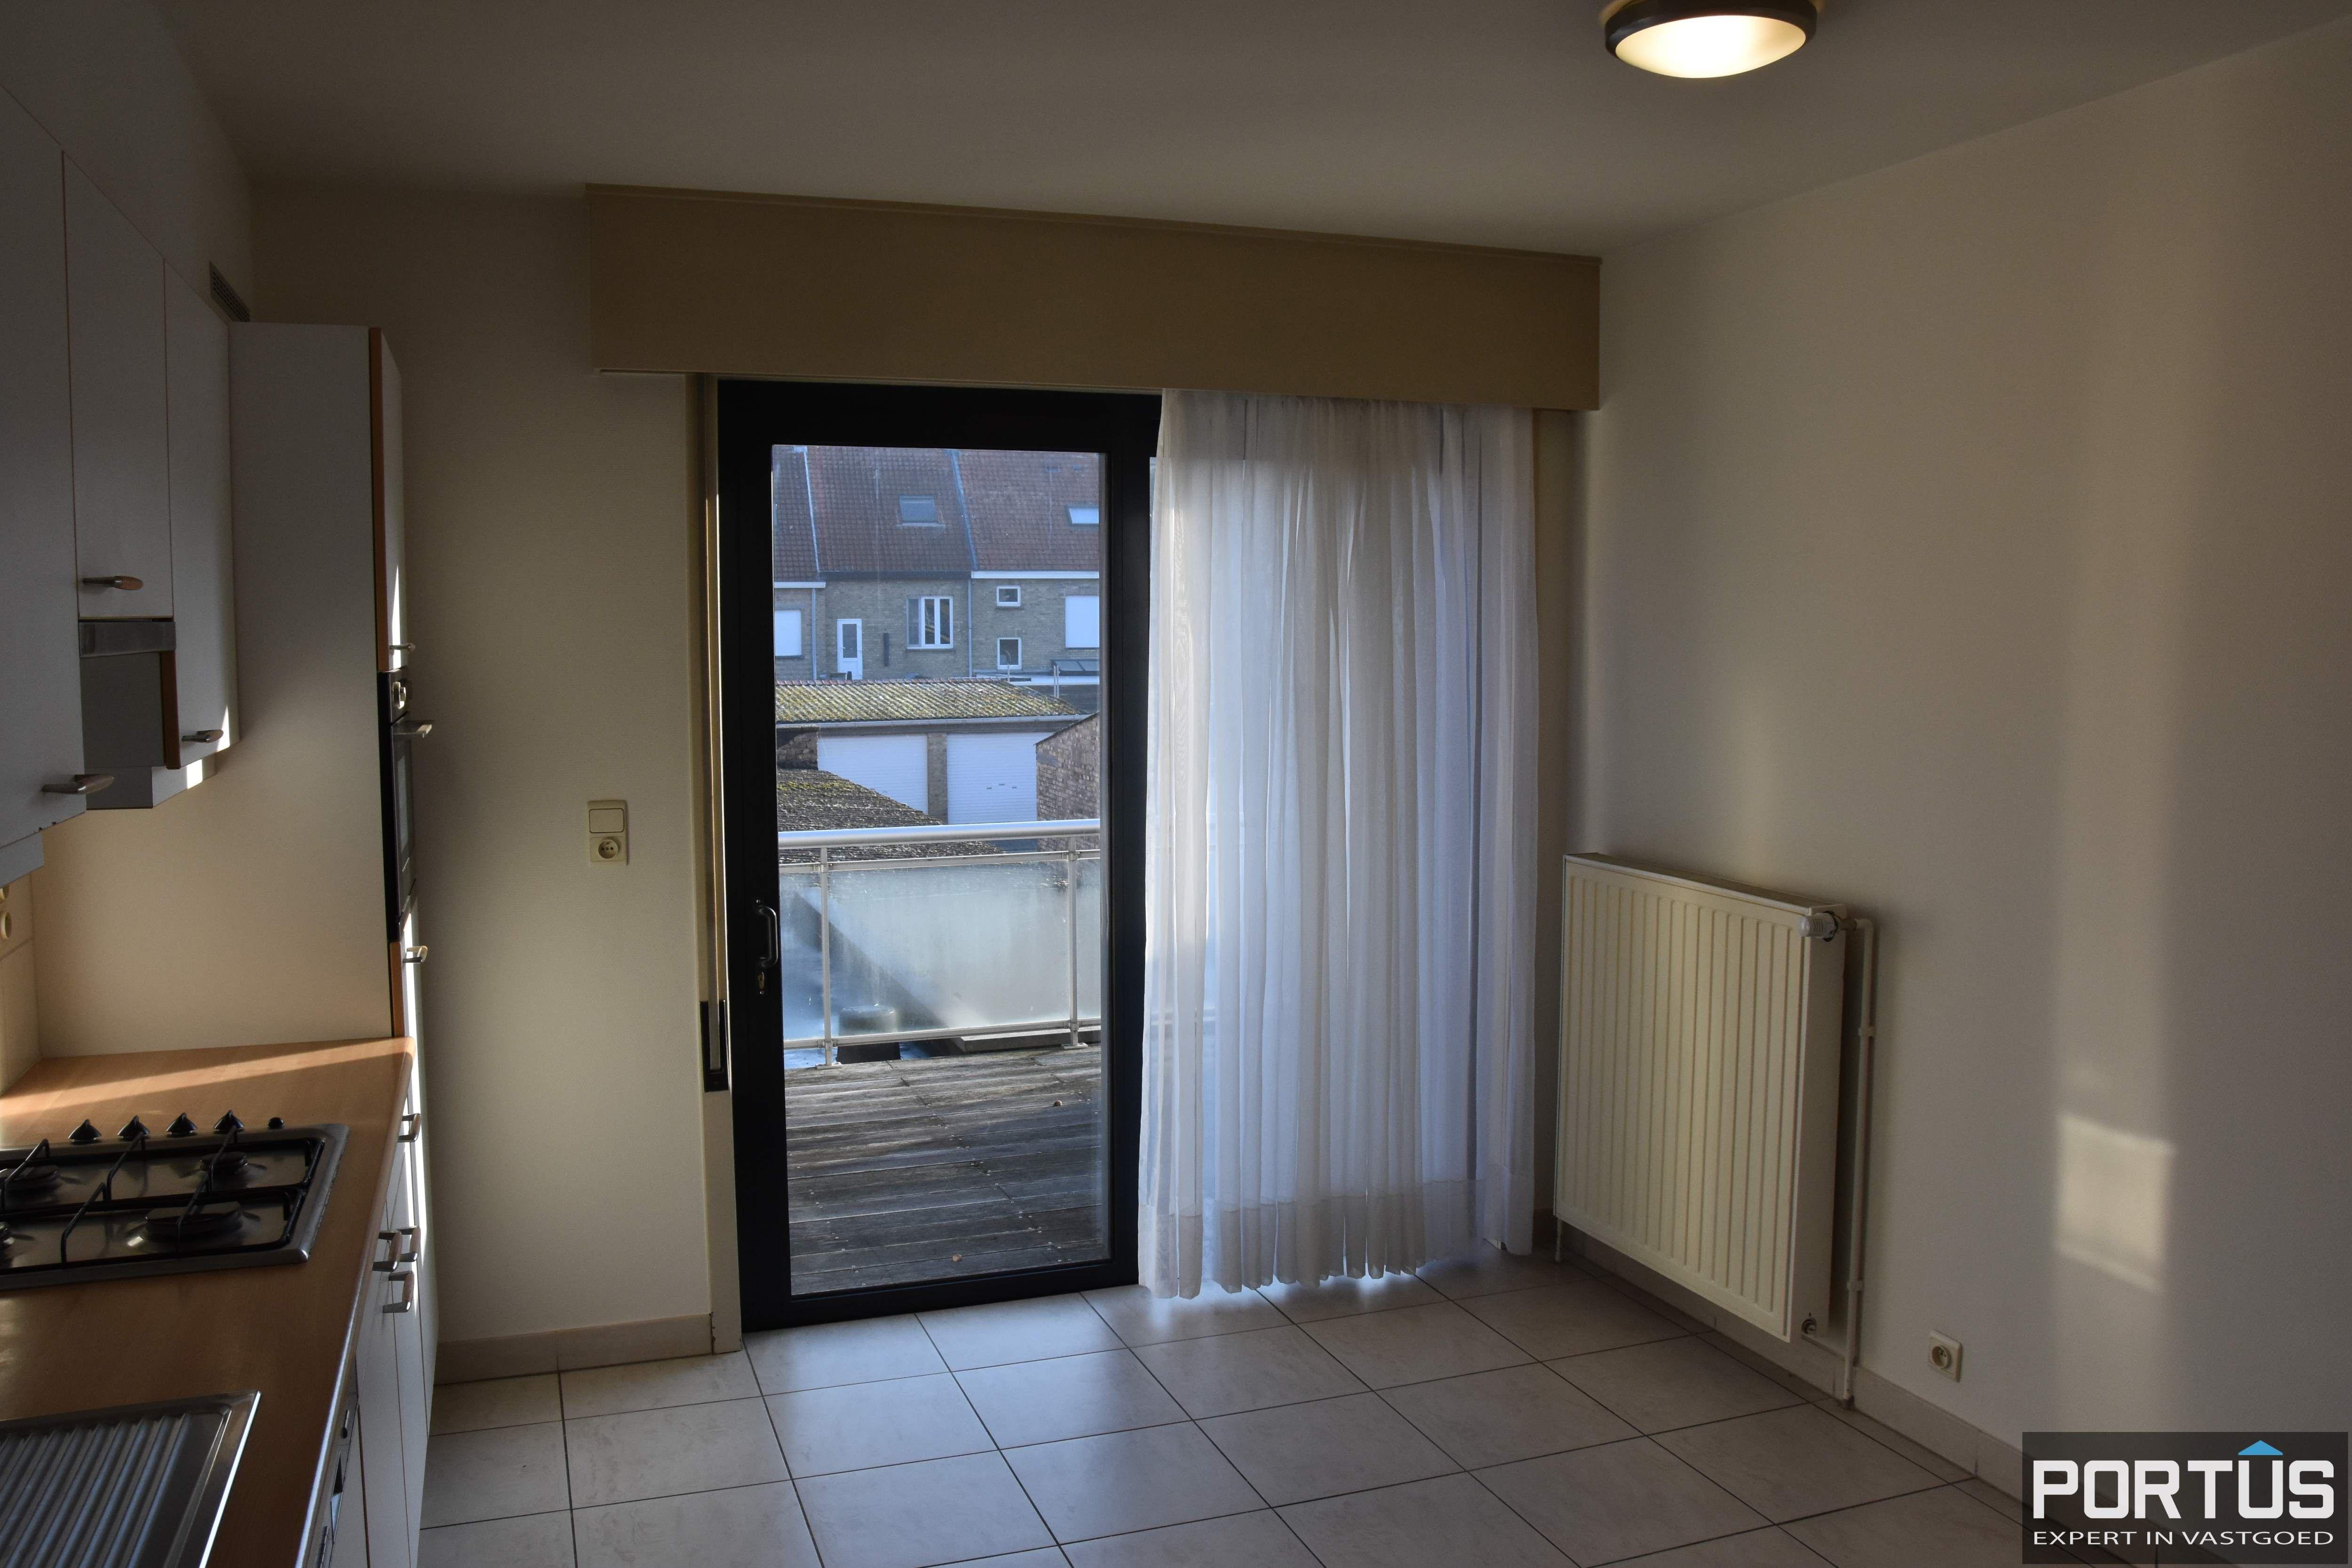 Woning te huur met 2 slaapkamers en dubbele garage in Nieuwpoort-stad - 11133